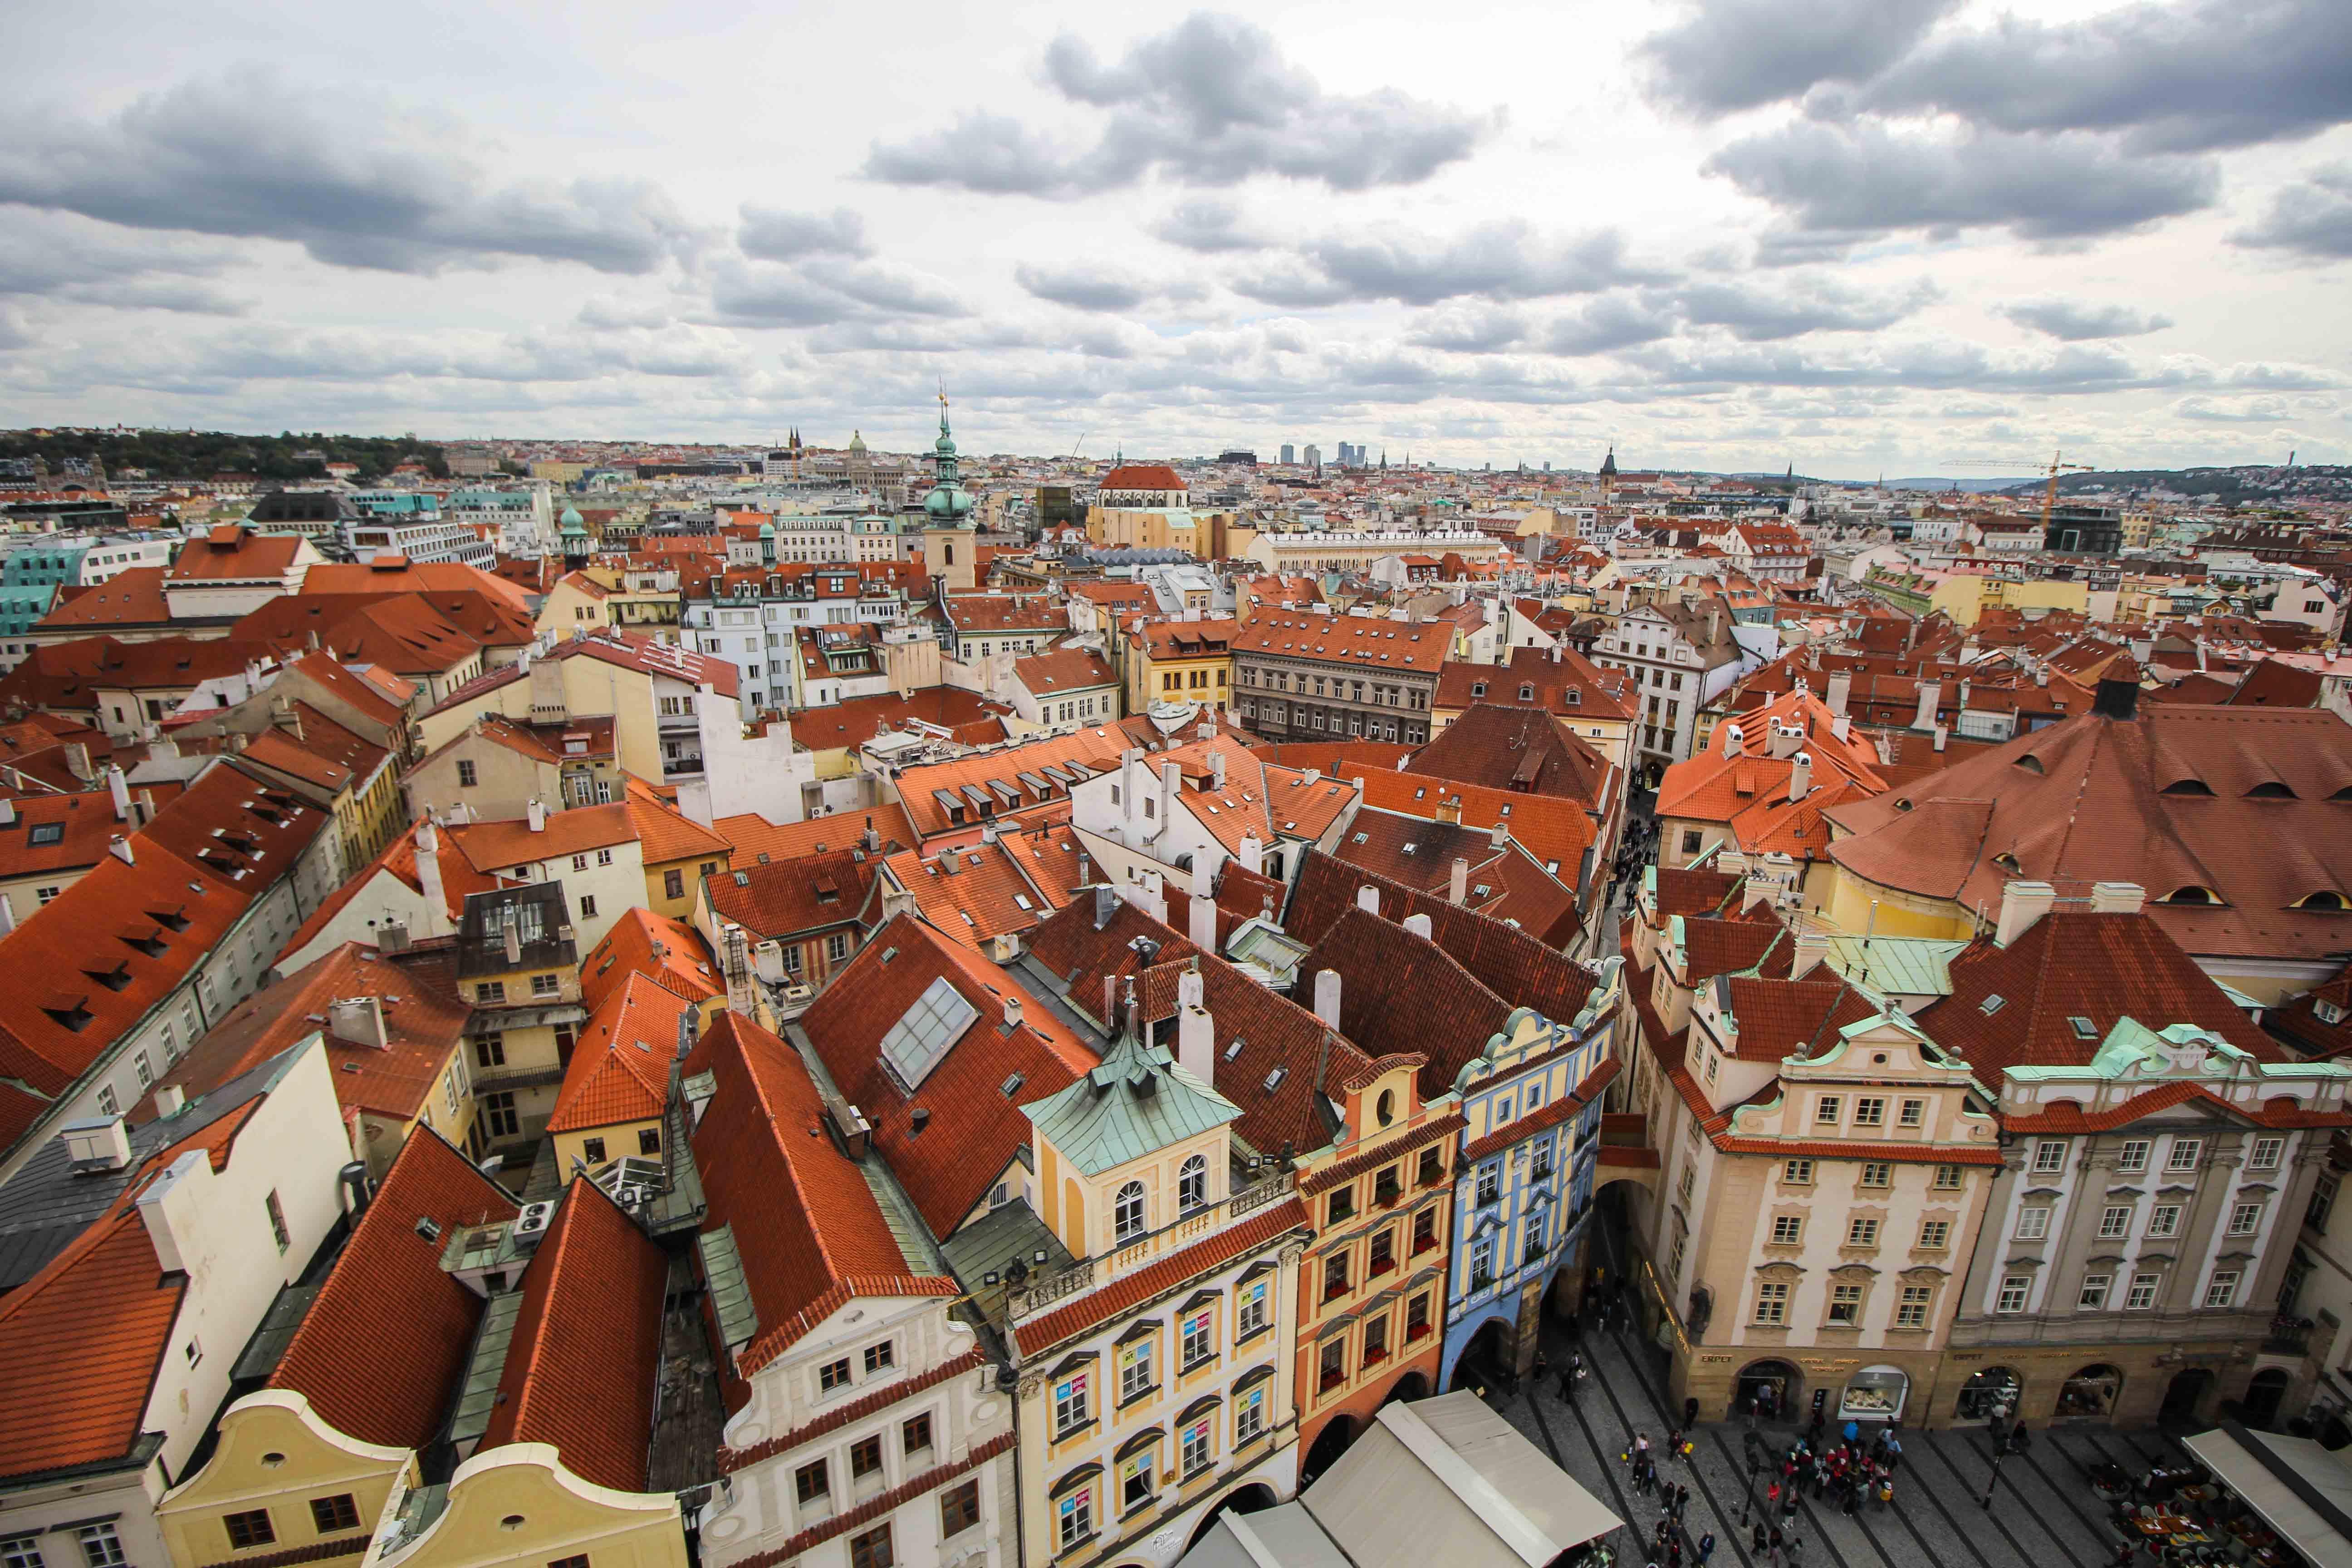 Top 10 Tipps Kurztrip Prag altes Rathaus Rathausturm Ausblick Sehenswürdigkeiten Prag Insidertipps Reiseblog